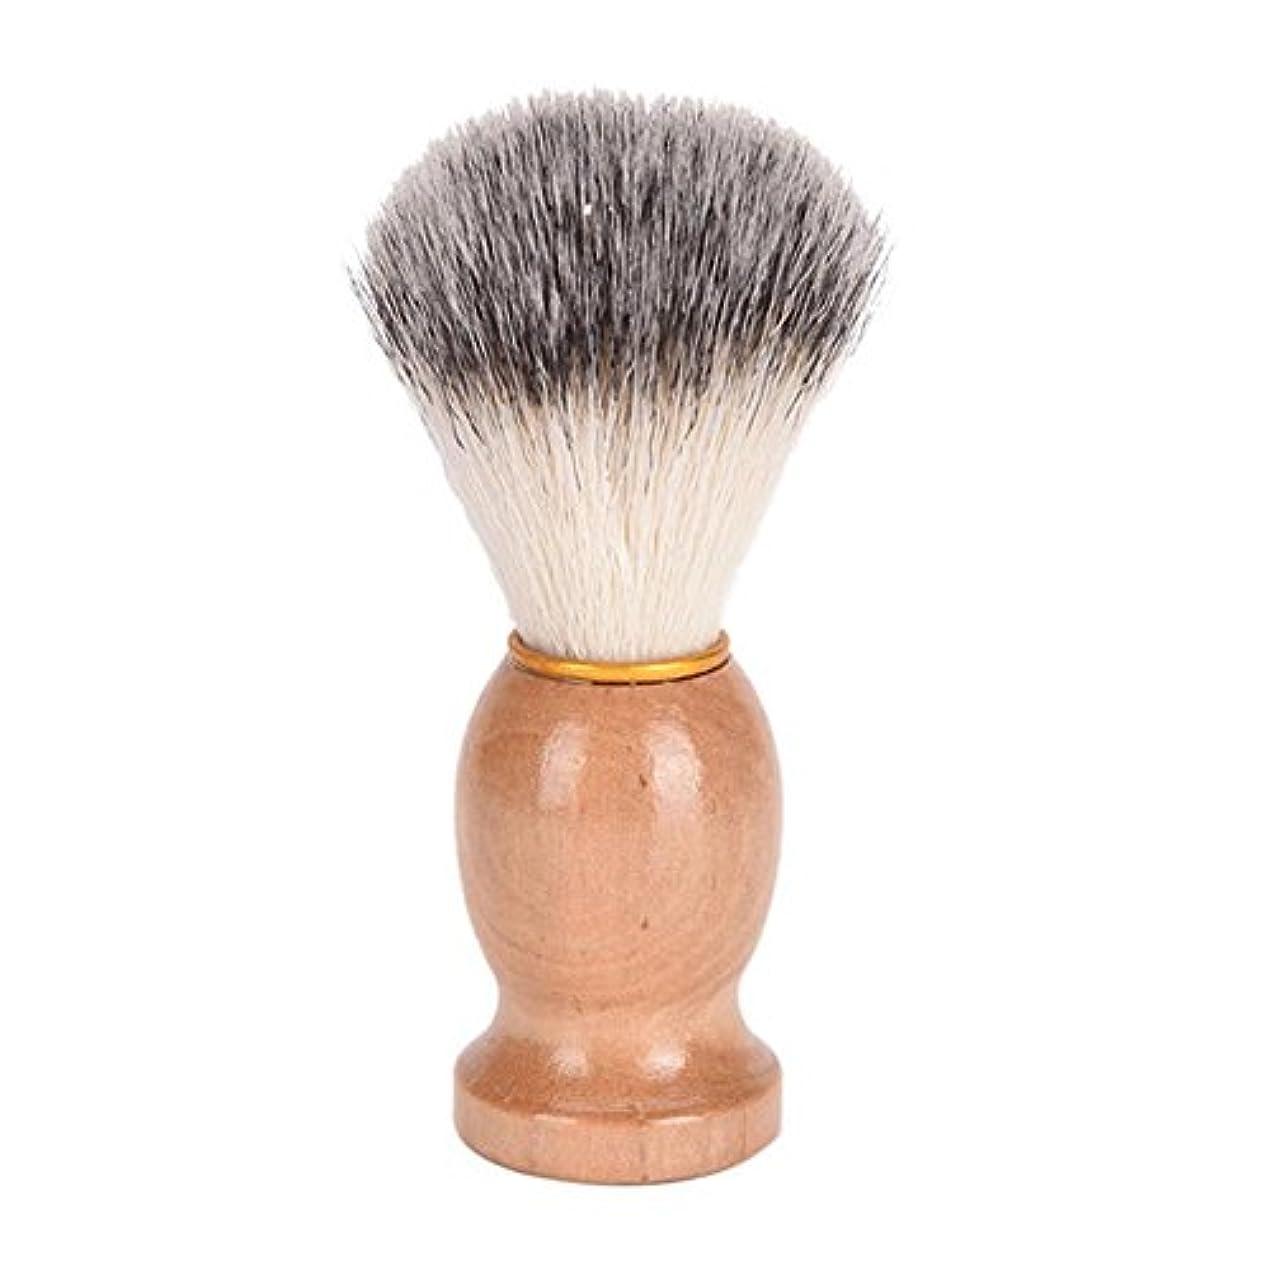 傑出した支援既にひげブラシ 髭ブラシ シェービング用アクセサリー メンズ用 髭剃り ブラシ シェービングブラシ 木製ハンドル 男性 ギフト理容 洗顔 髭剃り